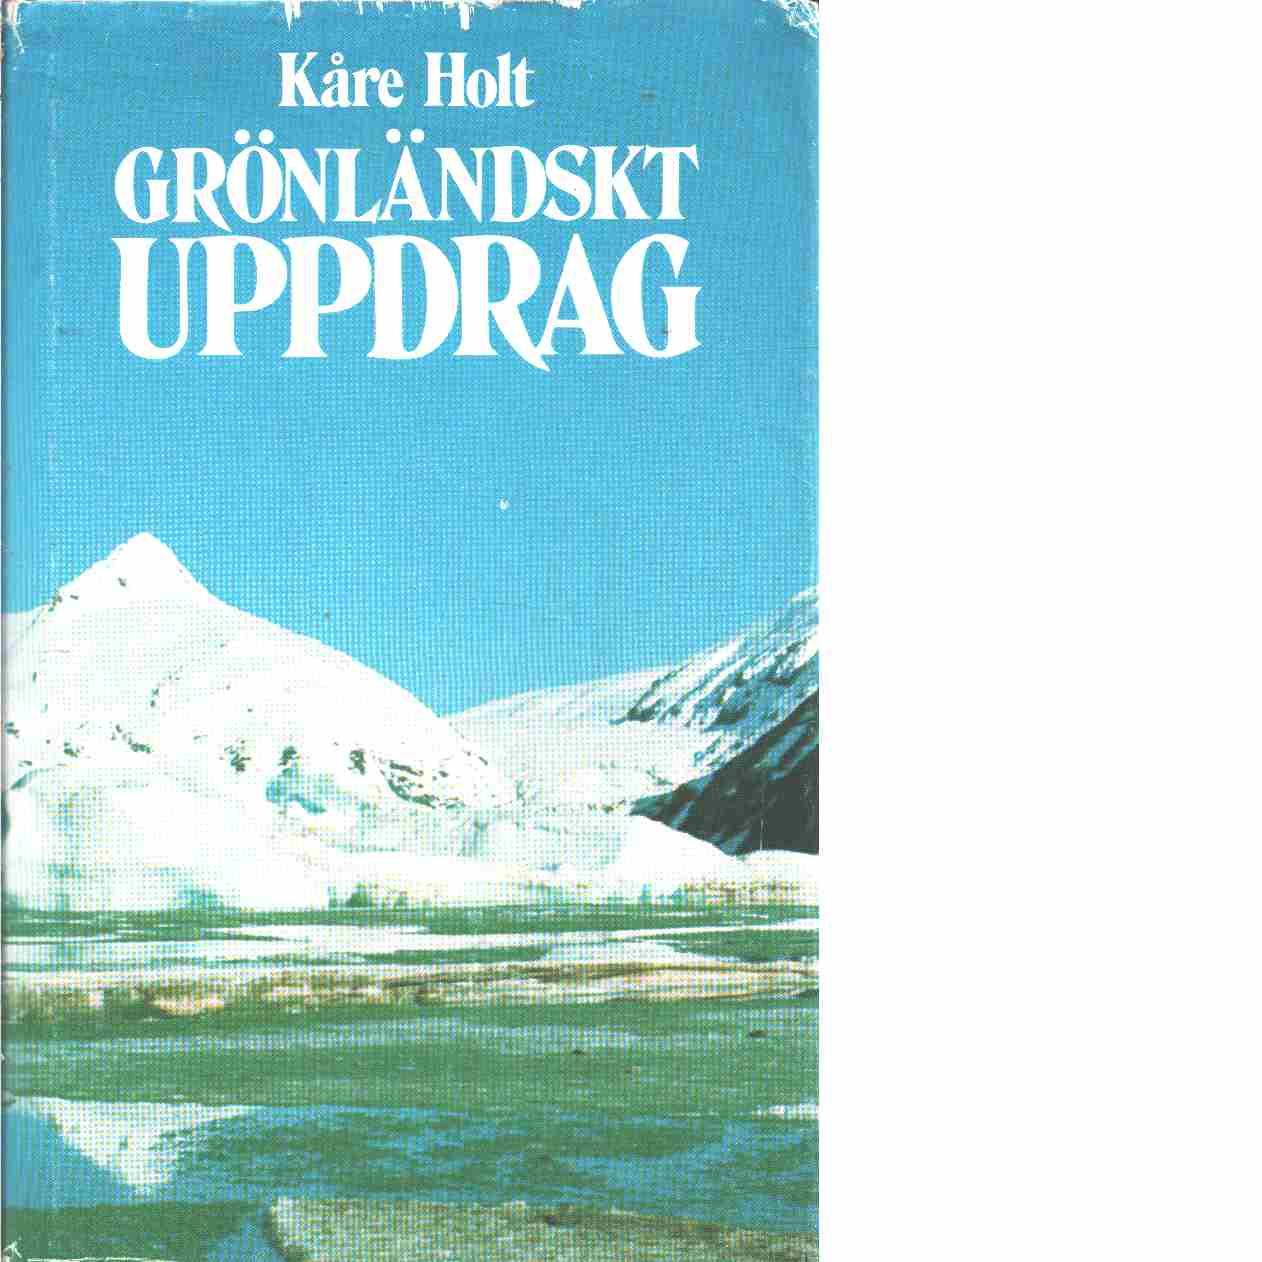 Grönländskt uppdrag  - Holt, Kåre